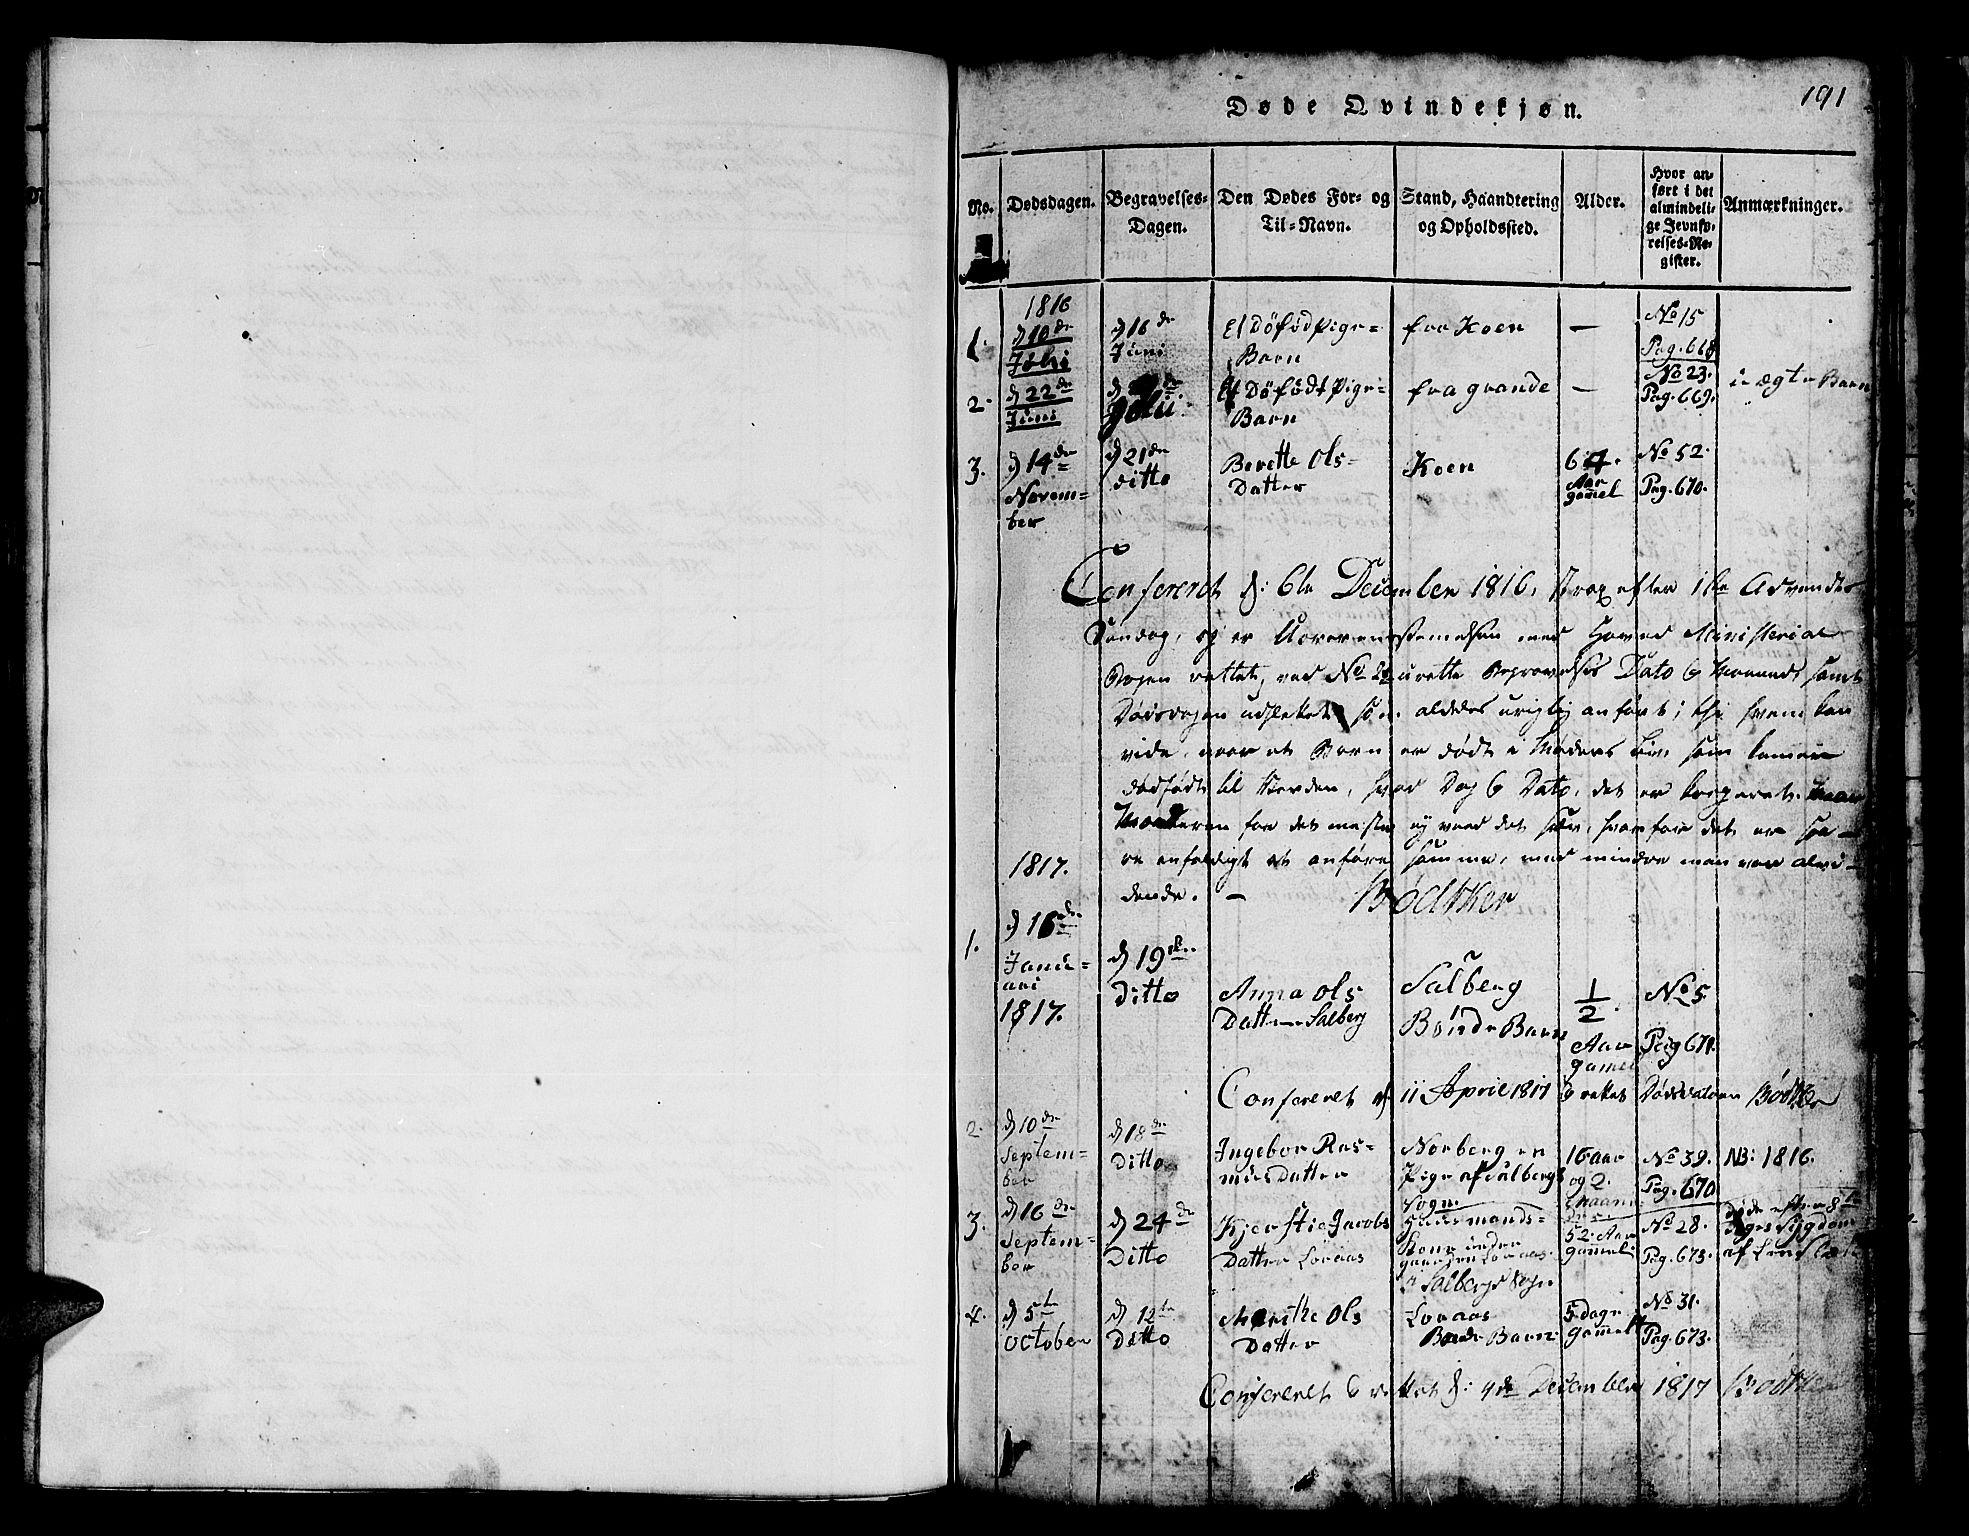 SAT, Ministerialprotokoller, klokkerbøker og fødselsregistre - Nord-Trøndelag, 731/L0310: Parish register (copy) no. 731C01, 1816-1874, p. 190-191